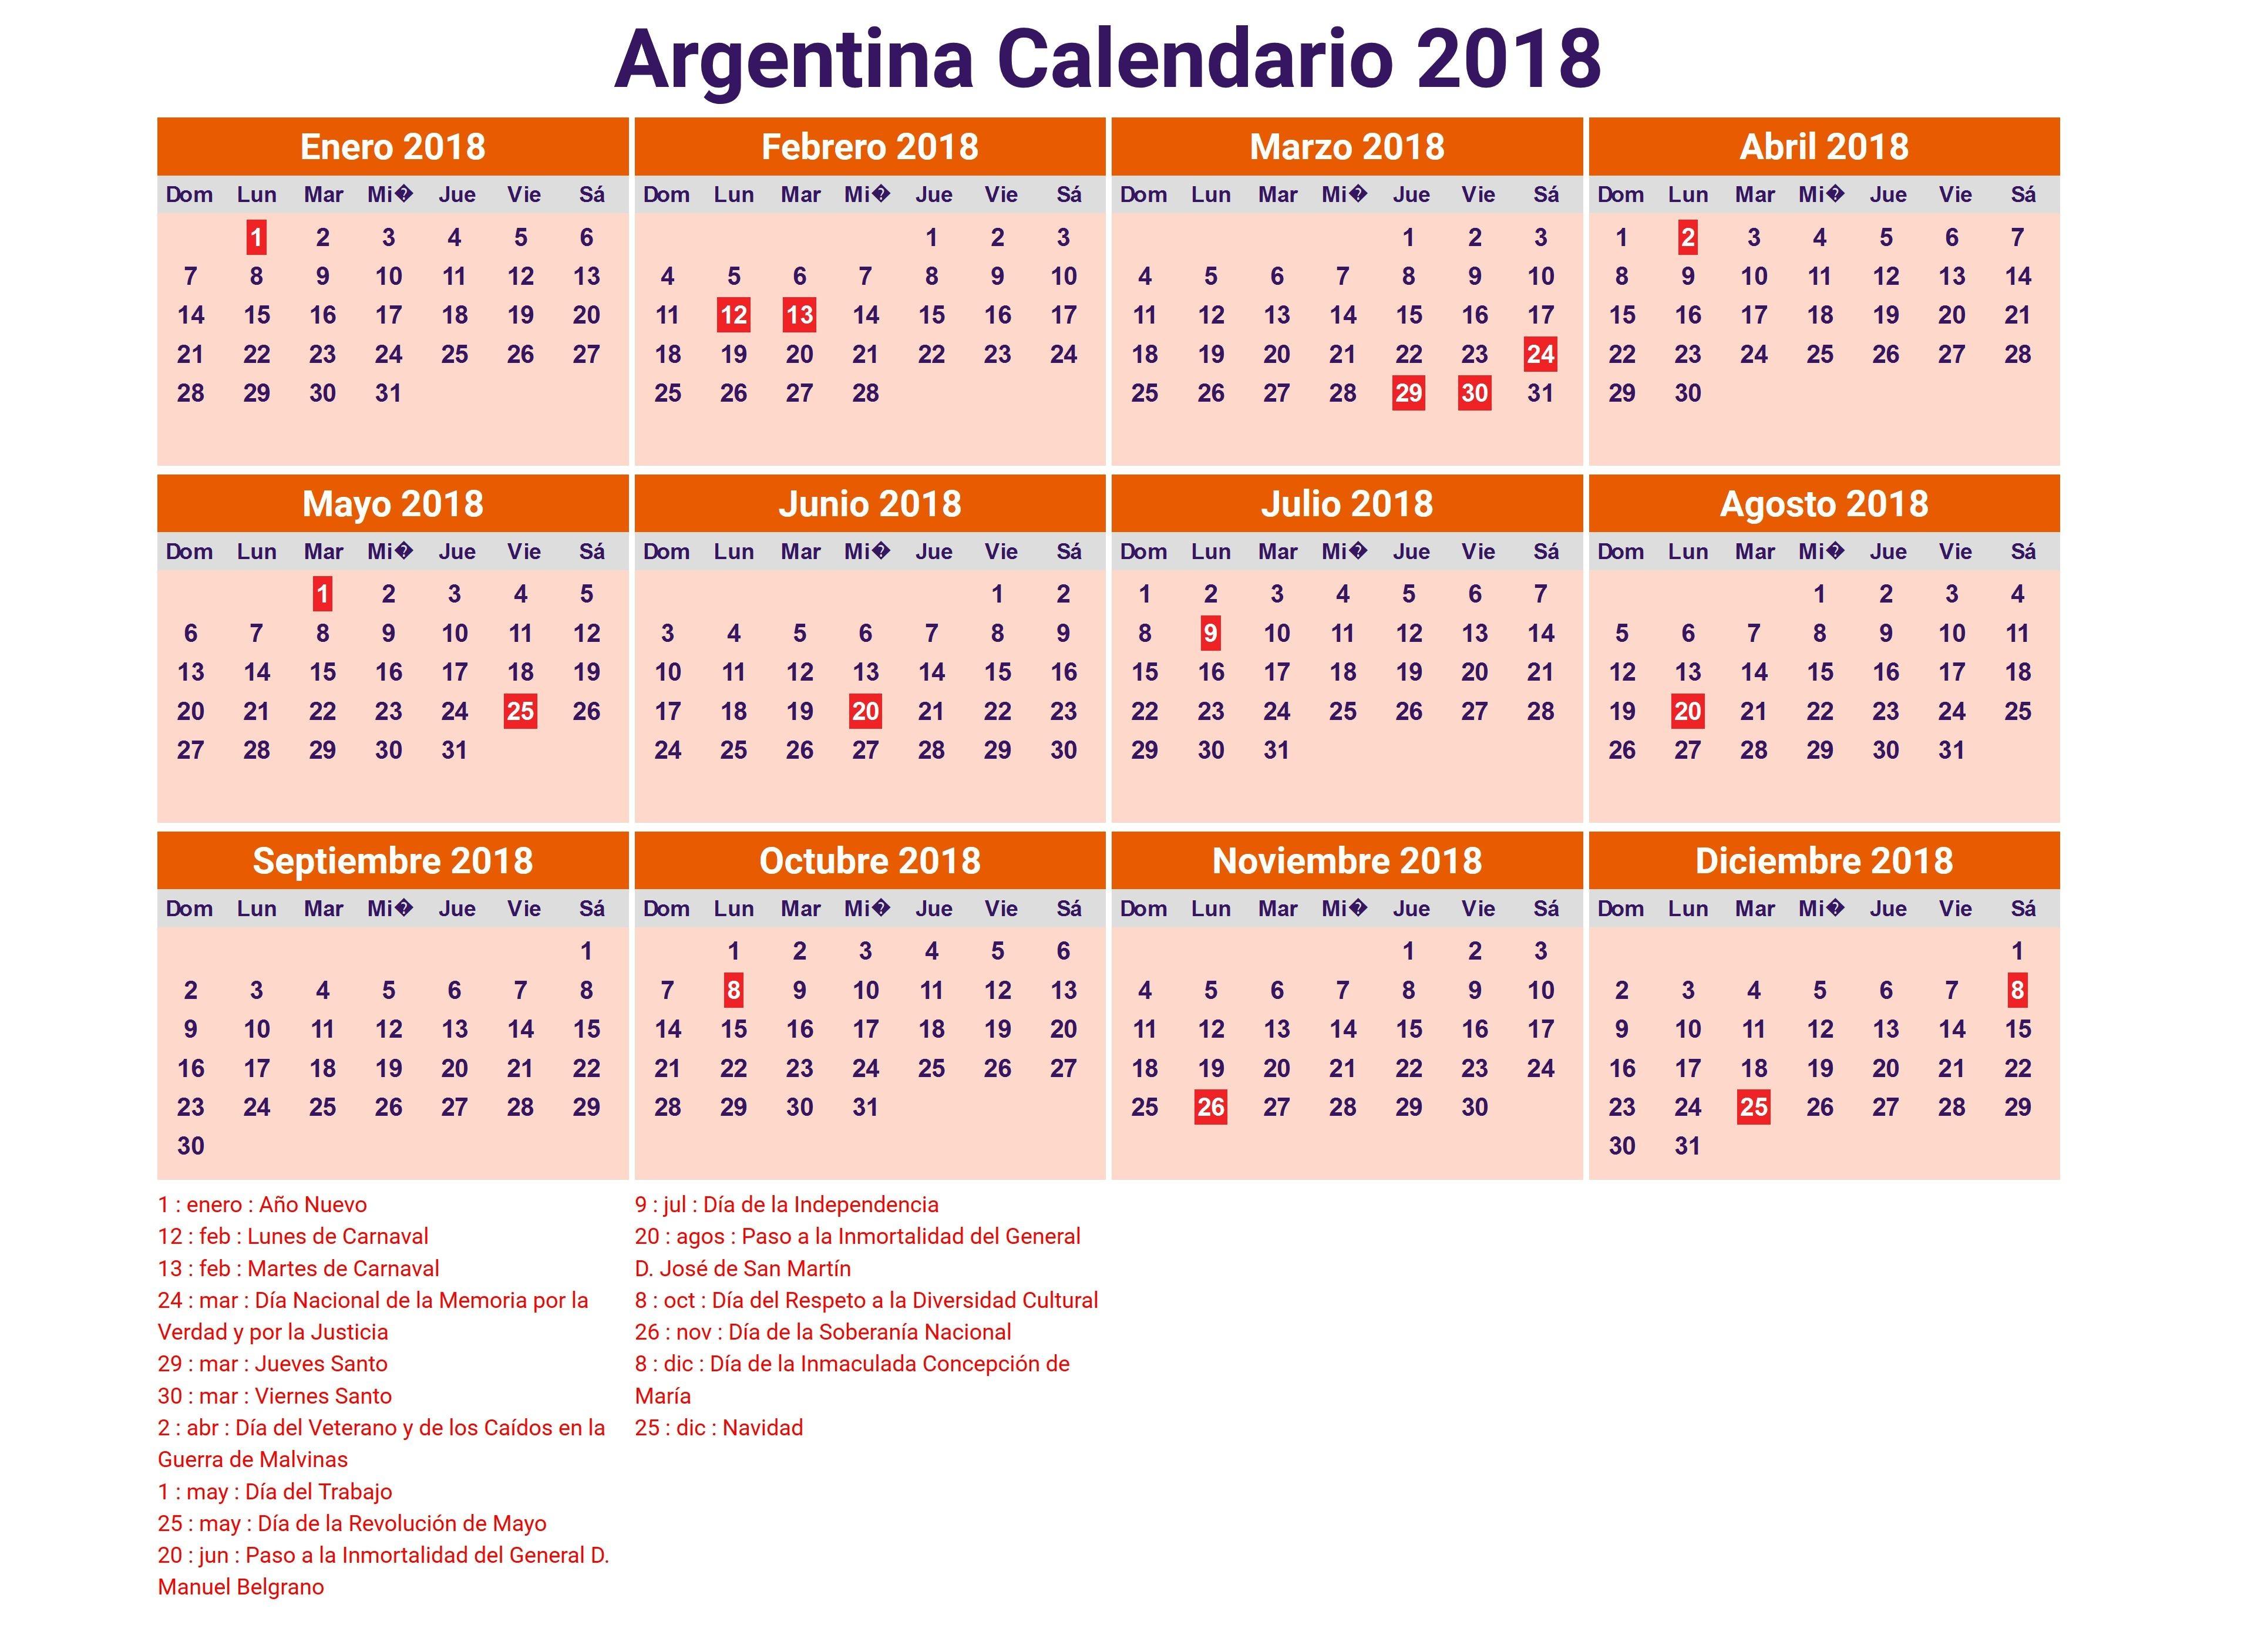 Calendario 2019 Argentina Oficial Para Imprimir Más Reciente Calendario 2018 Para Imprimir Feriados Kordurorddiner Of Calendario 2019 Argentina Oficial Para Imprimir Más Reciente Fotoleones